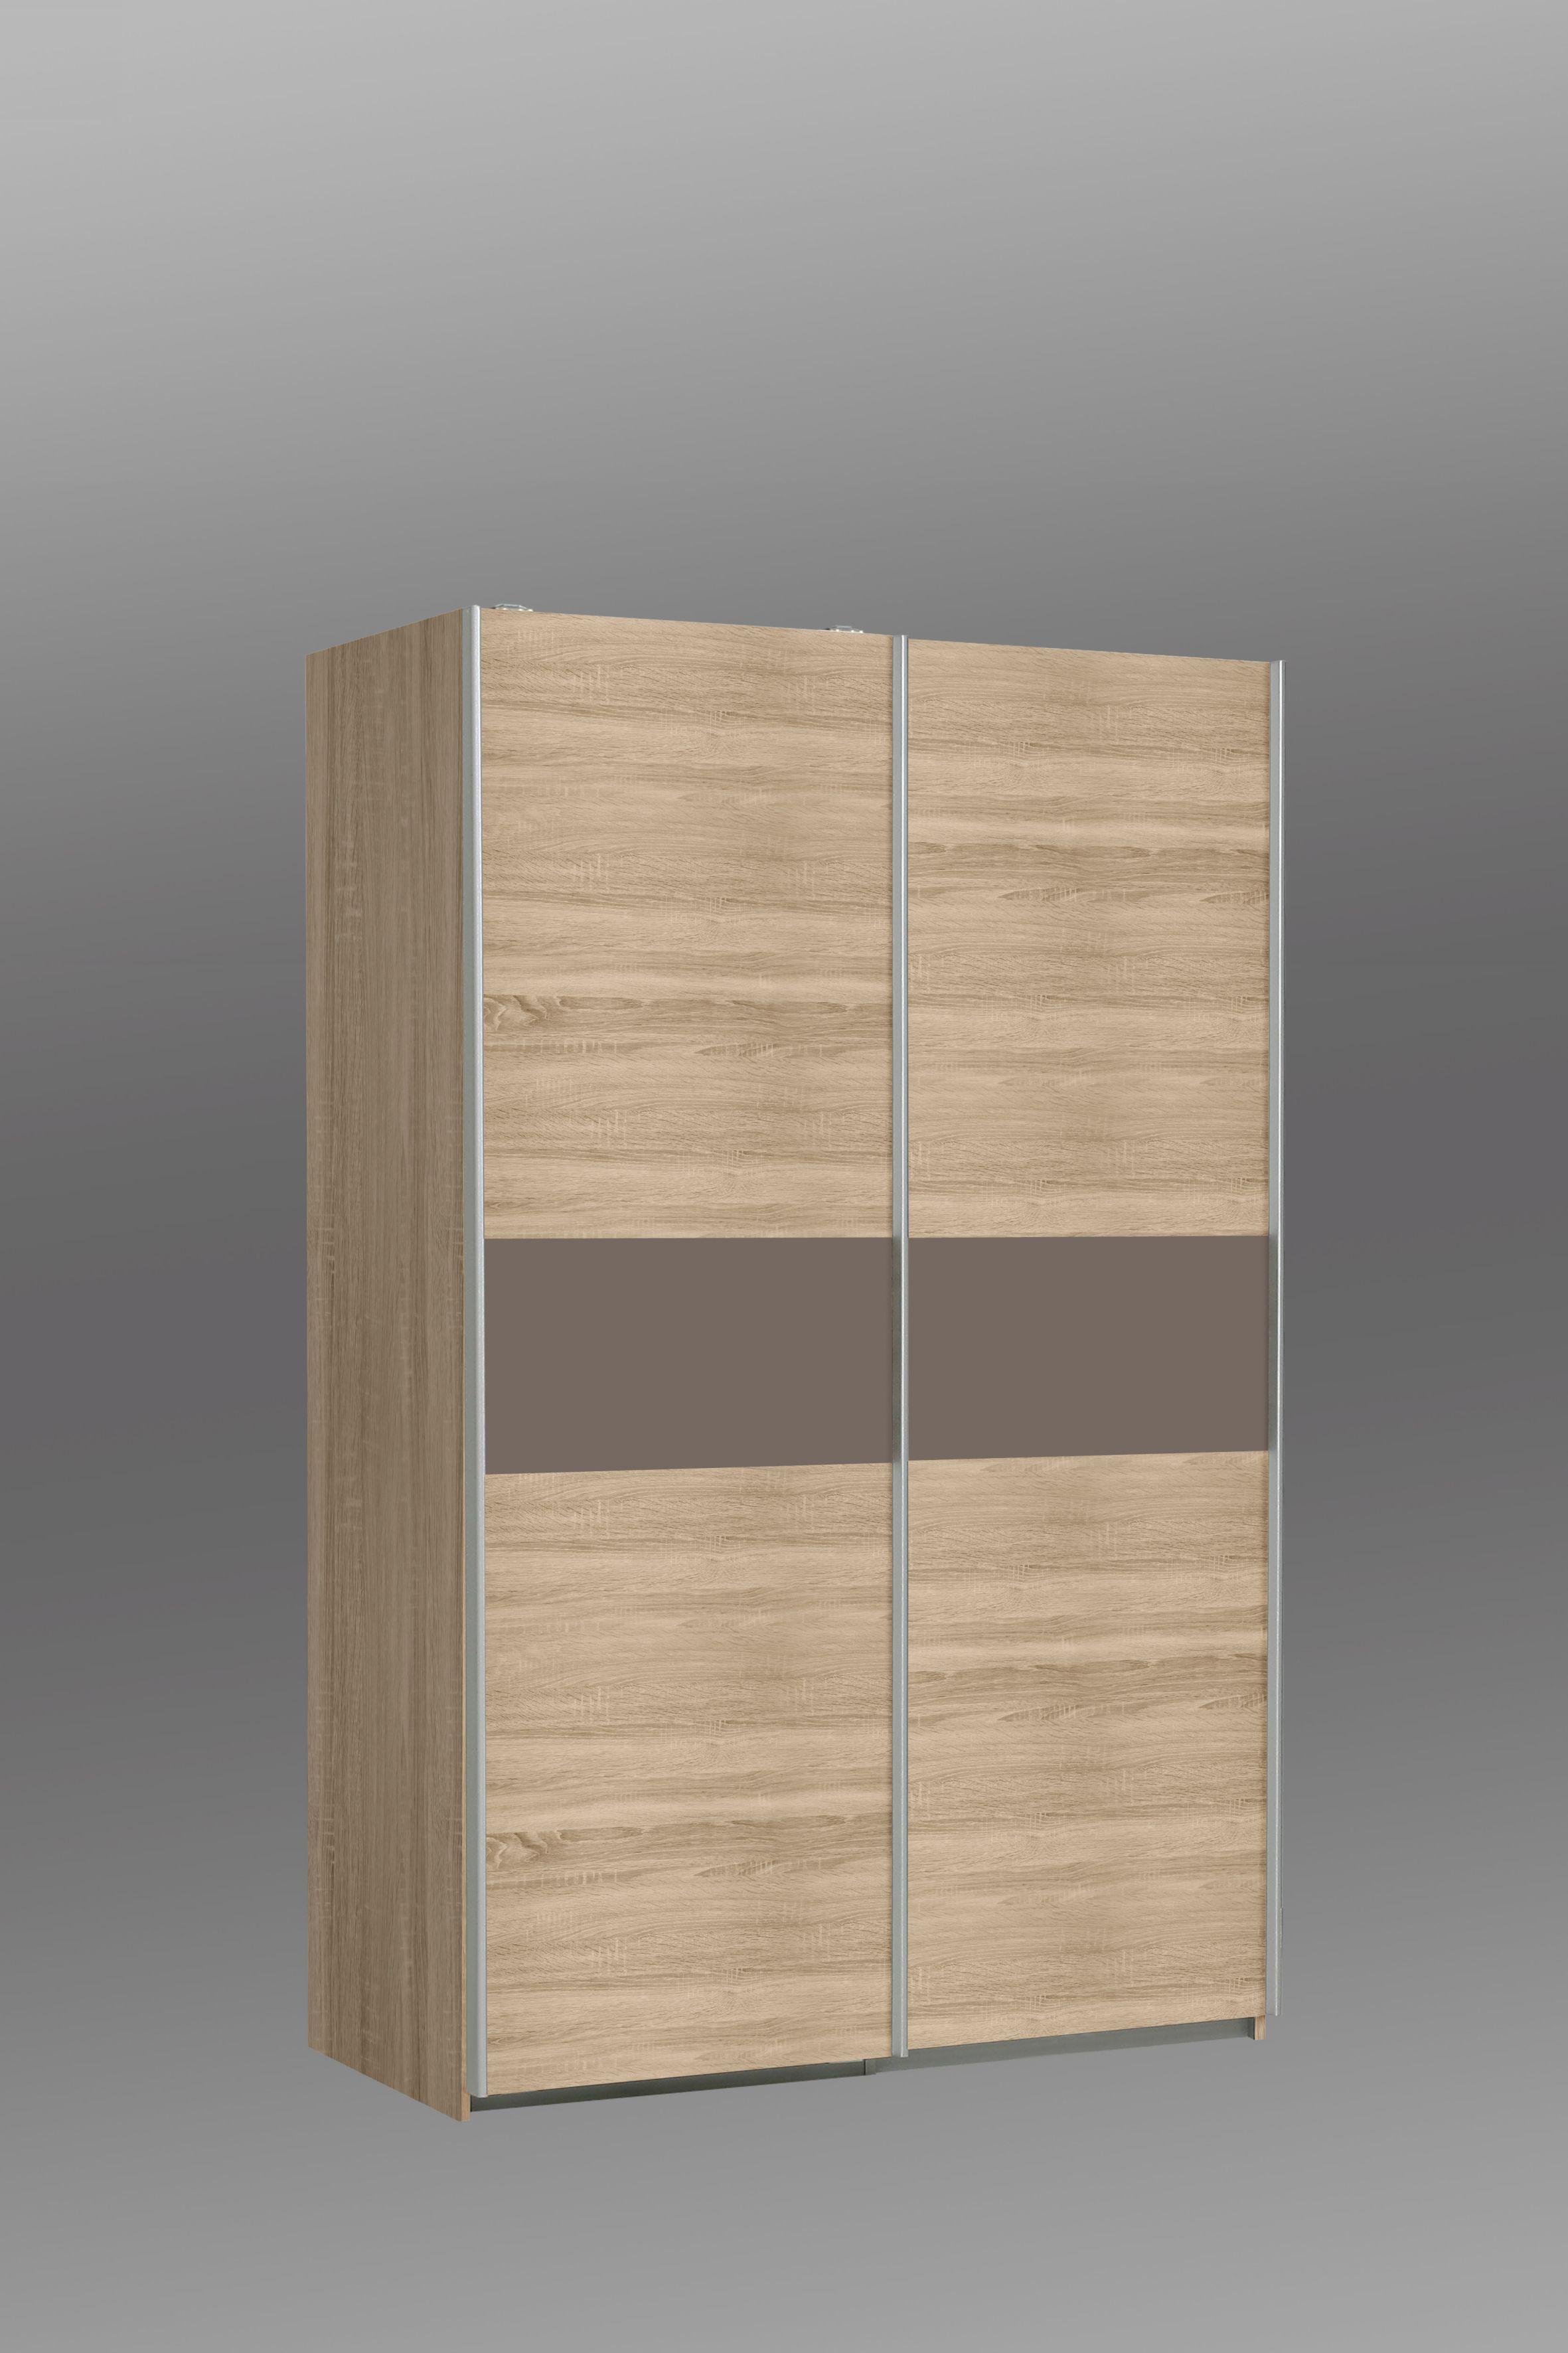 Kleiderschrank holz modern  Kleiderschrank Ohio von Forte Sonoma Eiche / Cacao